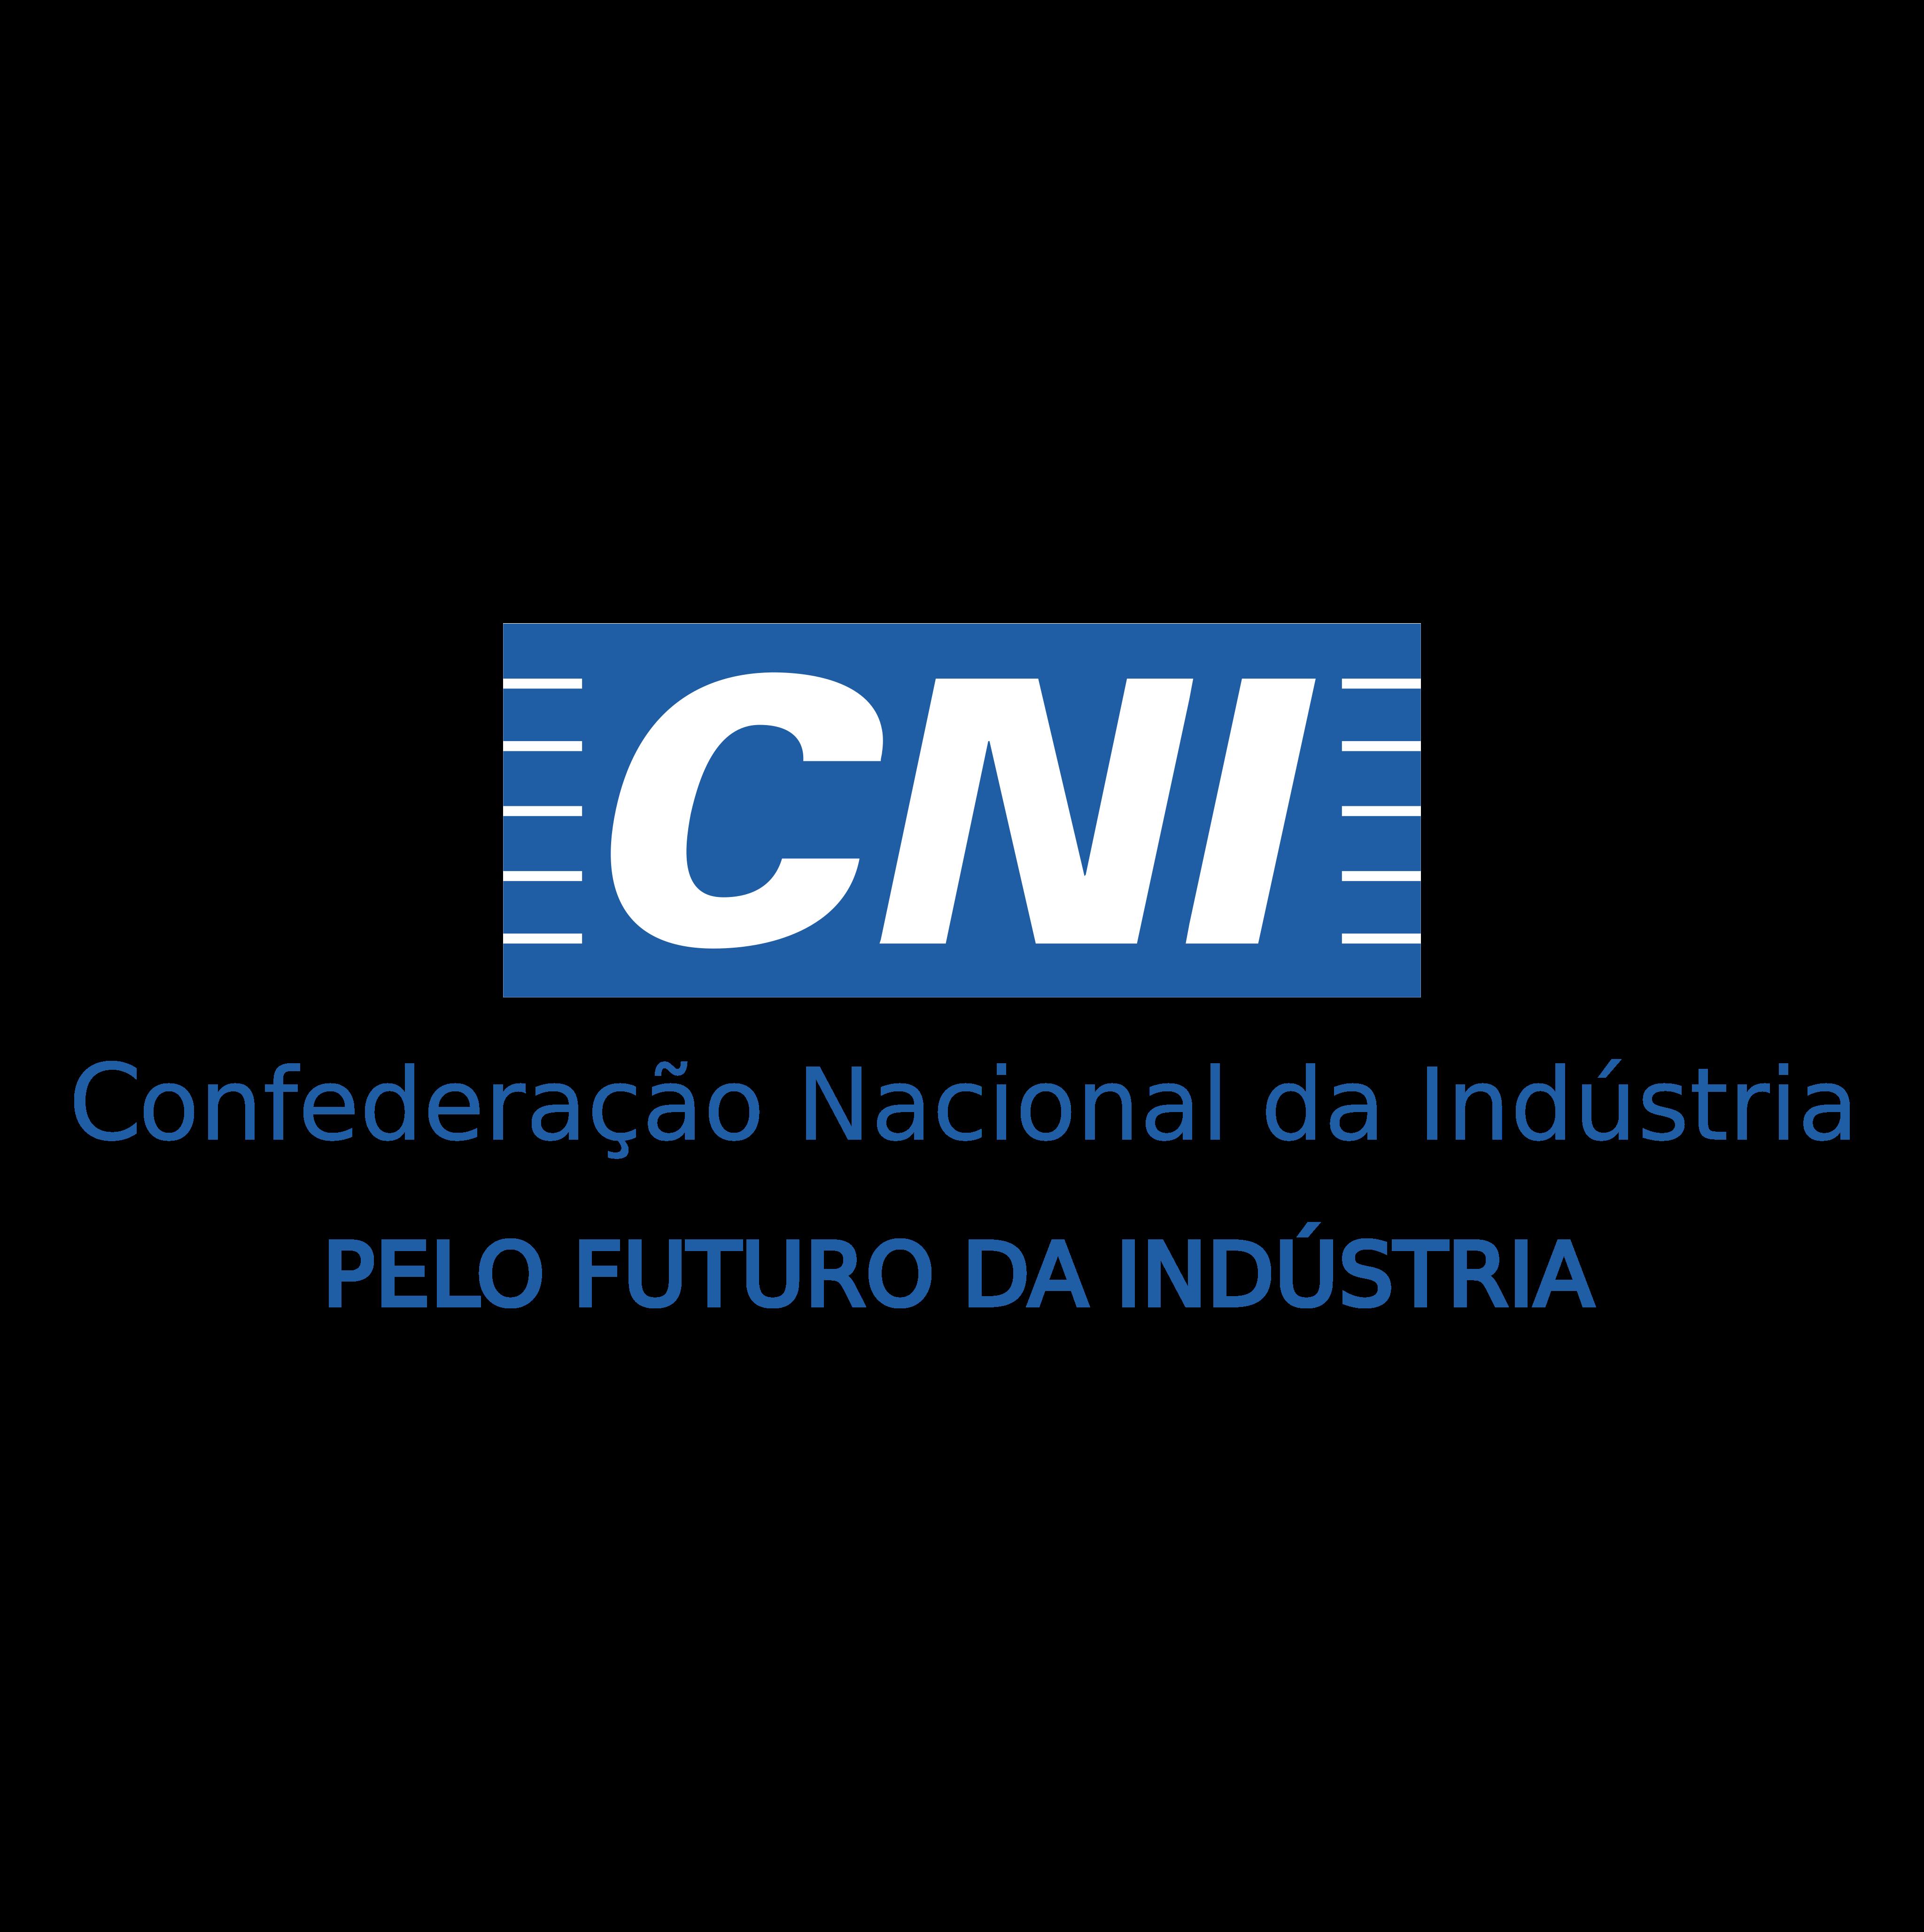 cni logo 0 - CNI Logo - Confederação Nacional da Indústria